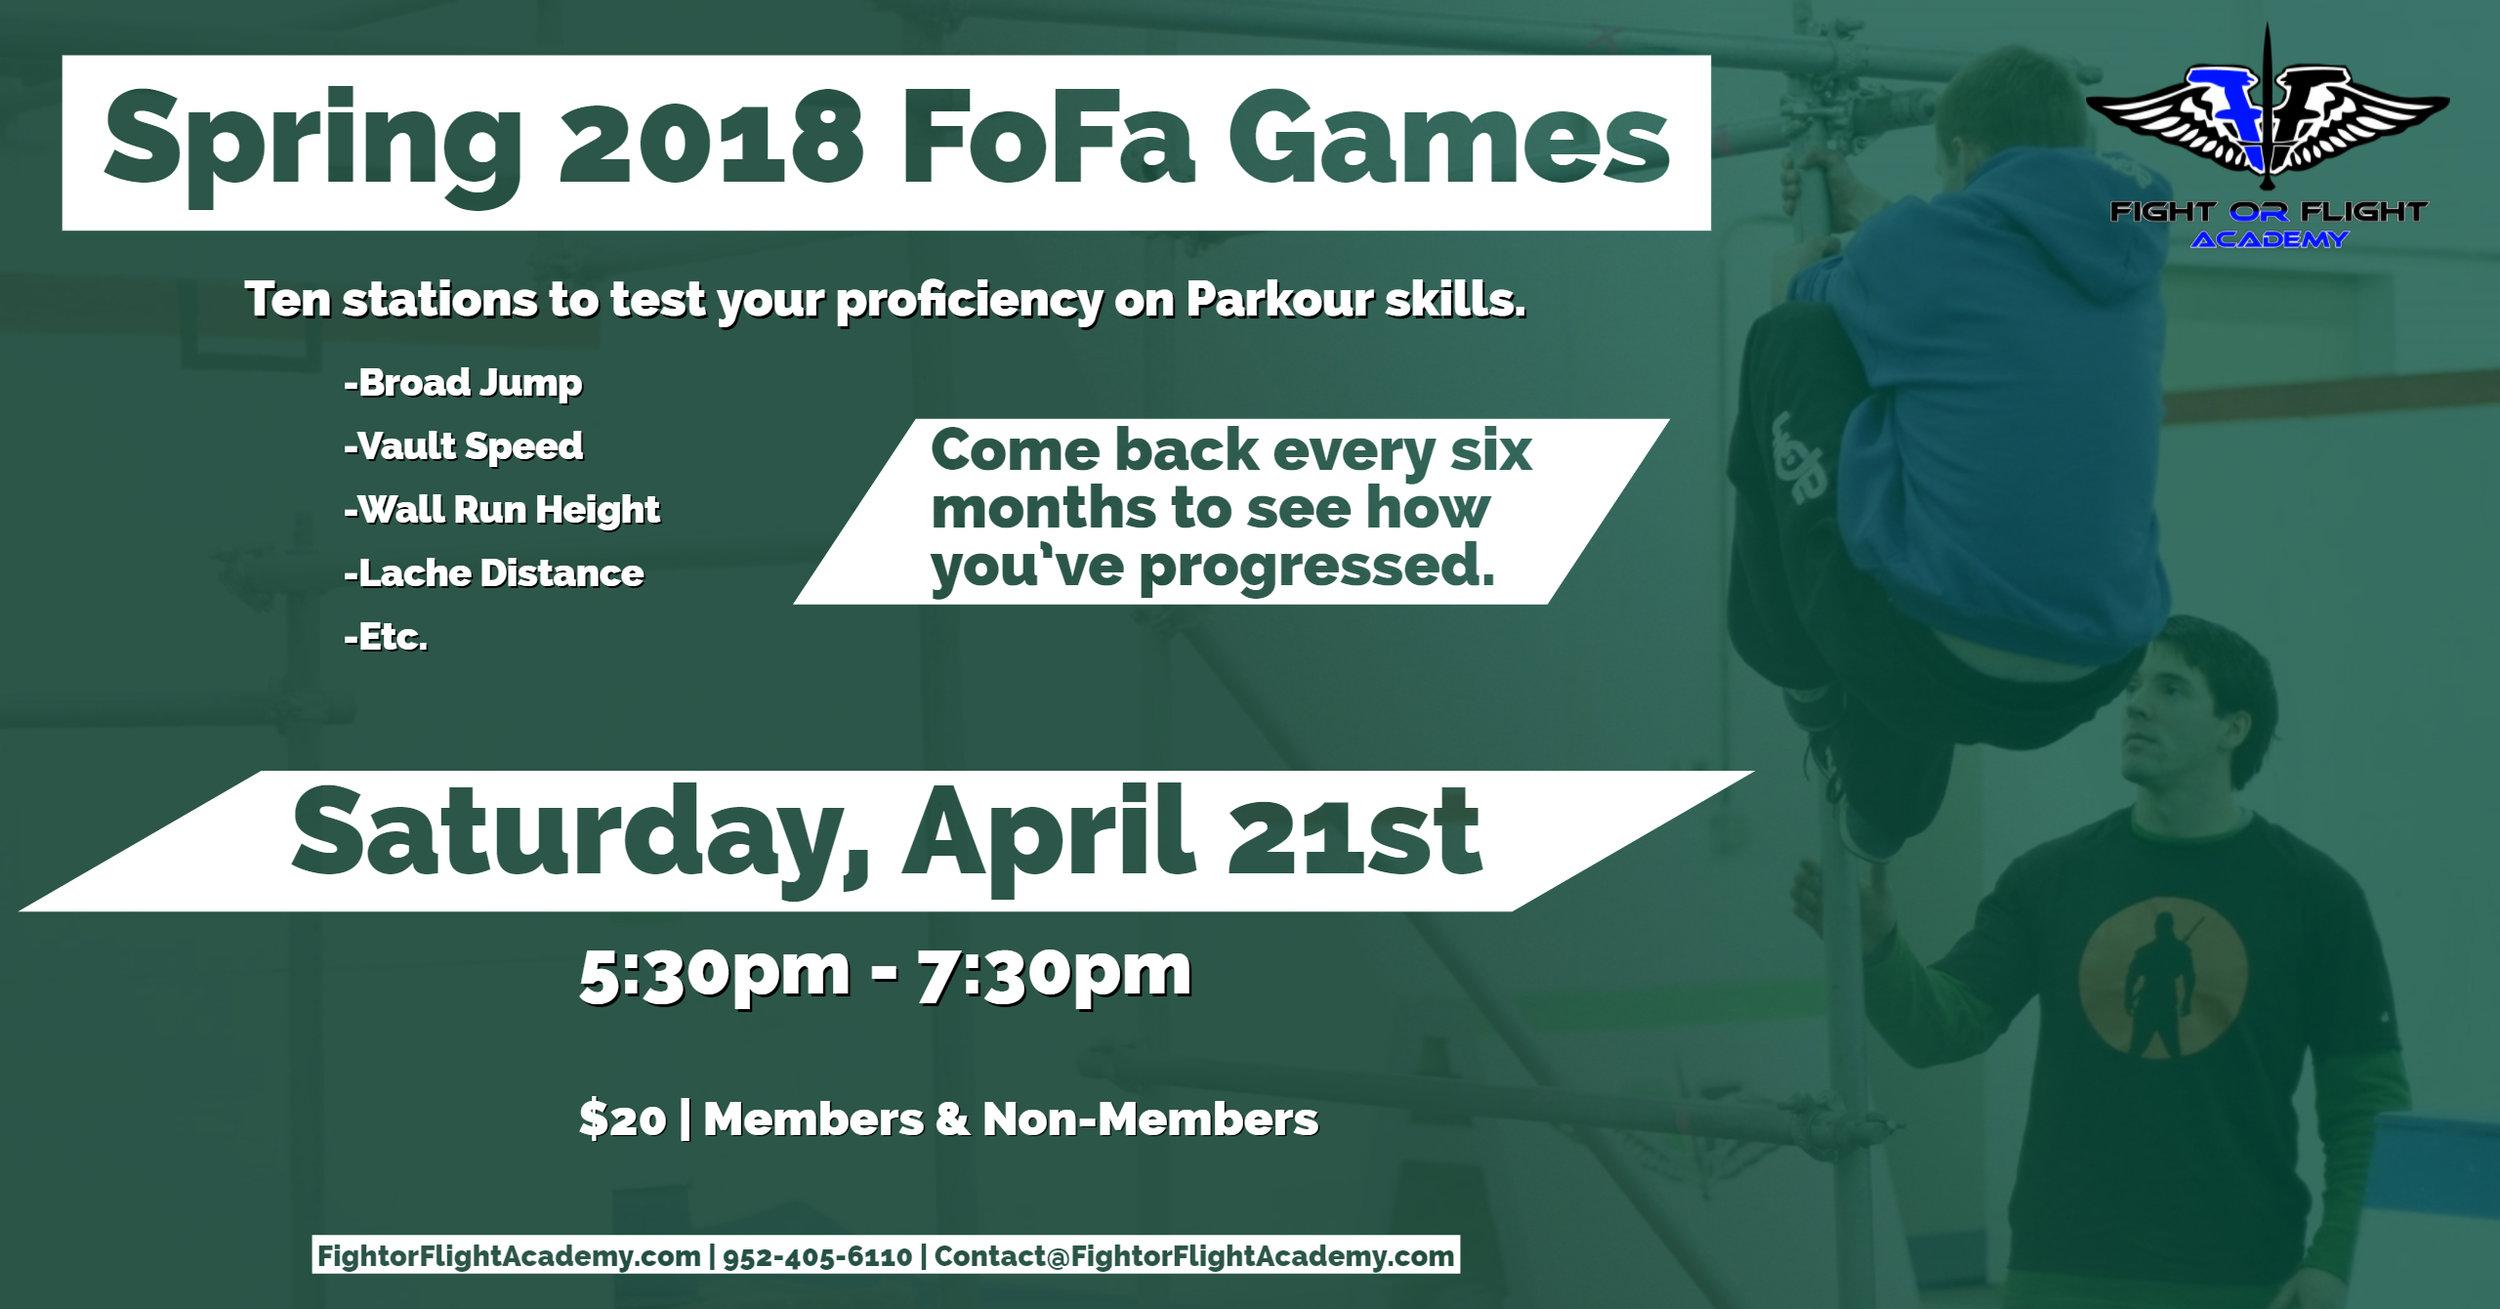 FoFa Games Spring 2018.jpg